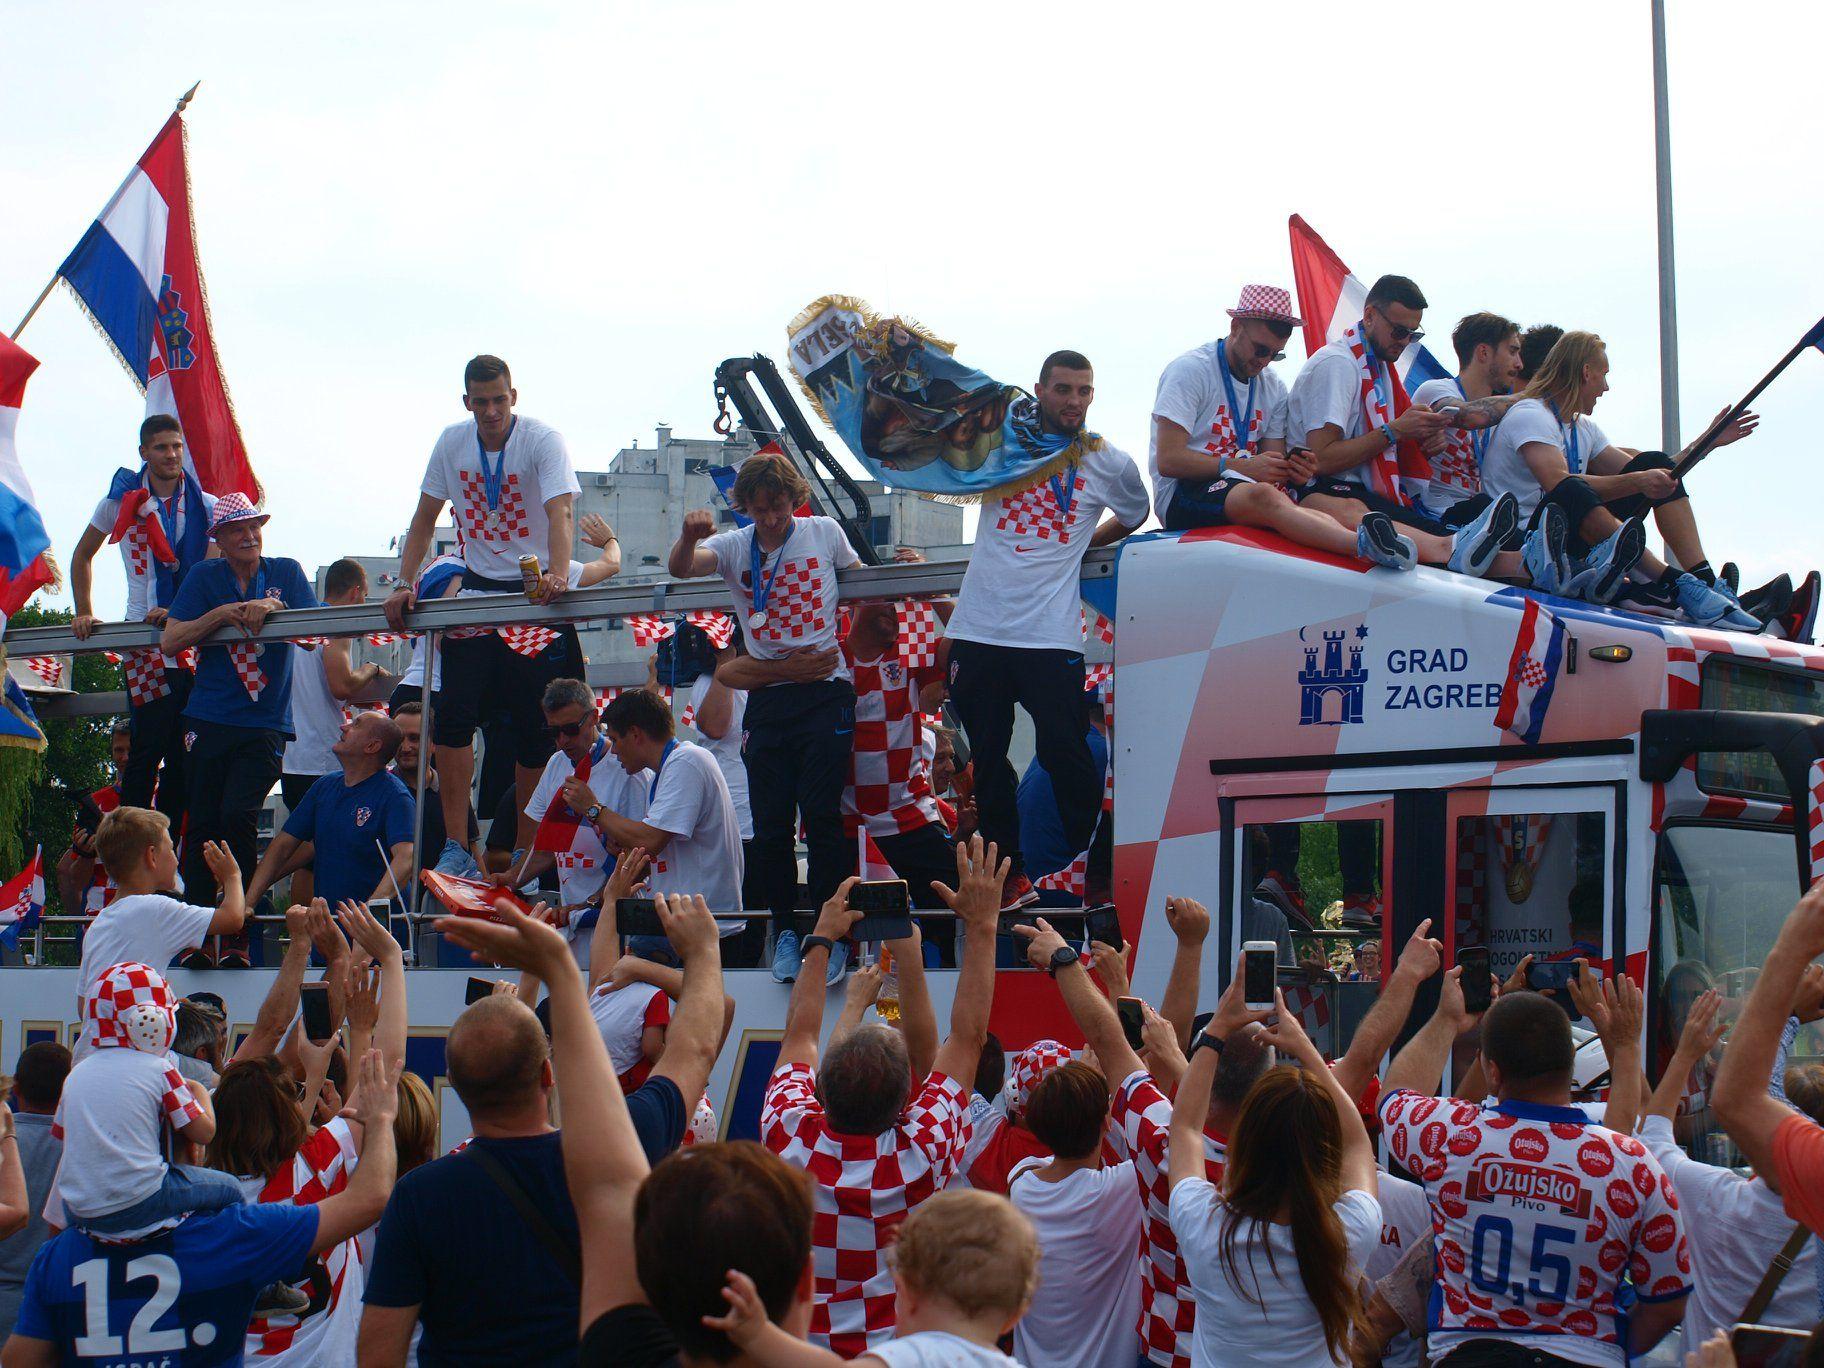 Foto Docek Vatrenih Ovo Svijet Nije Vidio U Zagrebu Je Ludiloooooooo Klikaj Hr Zagreb Wrestling Football